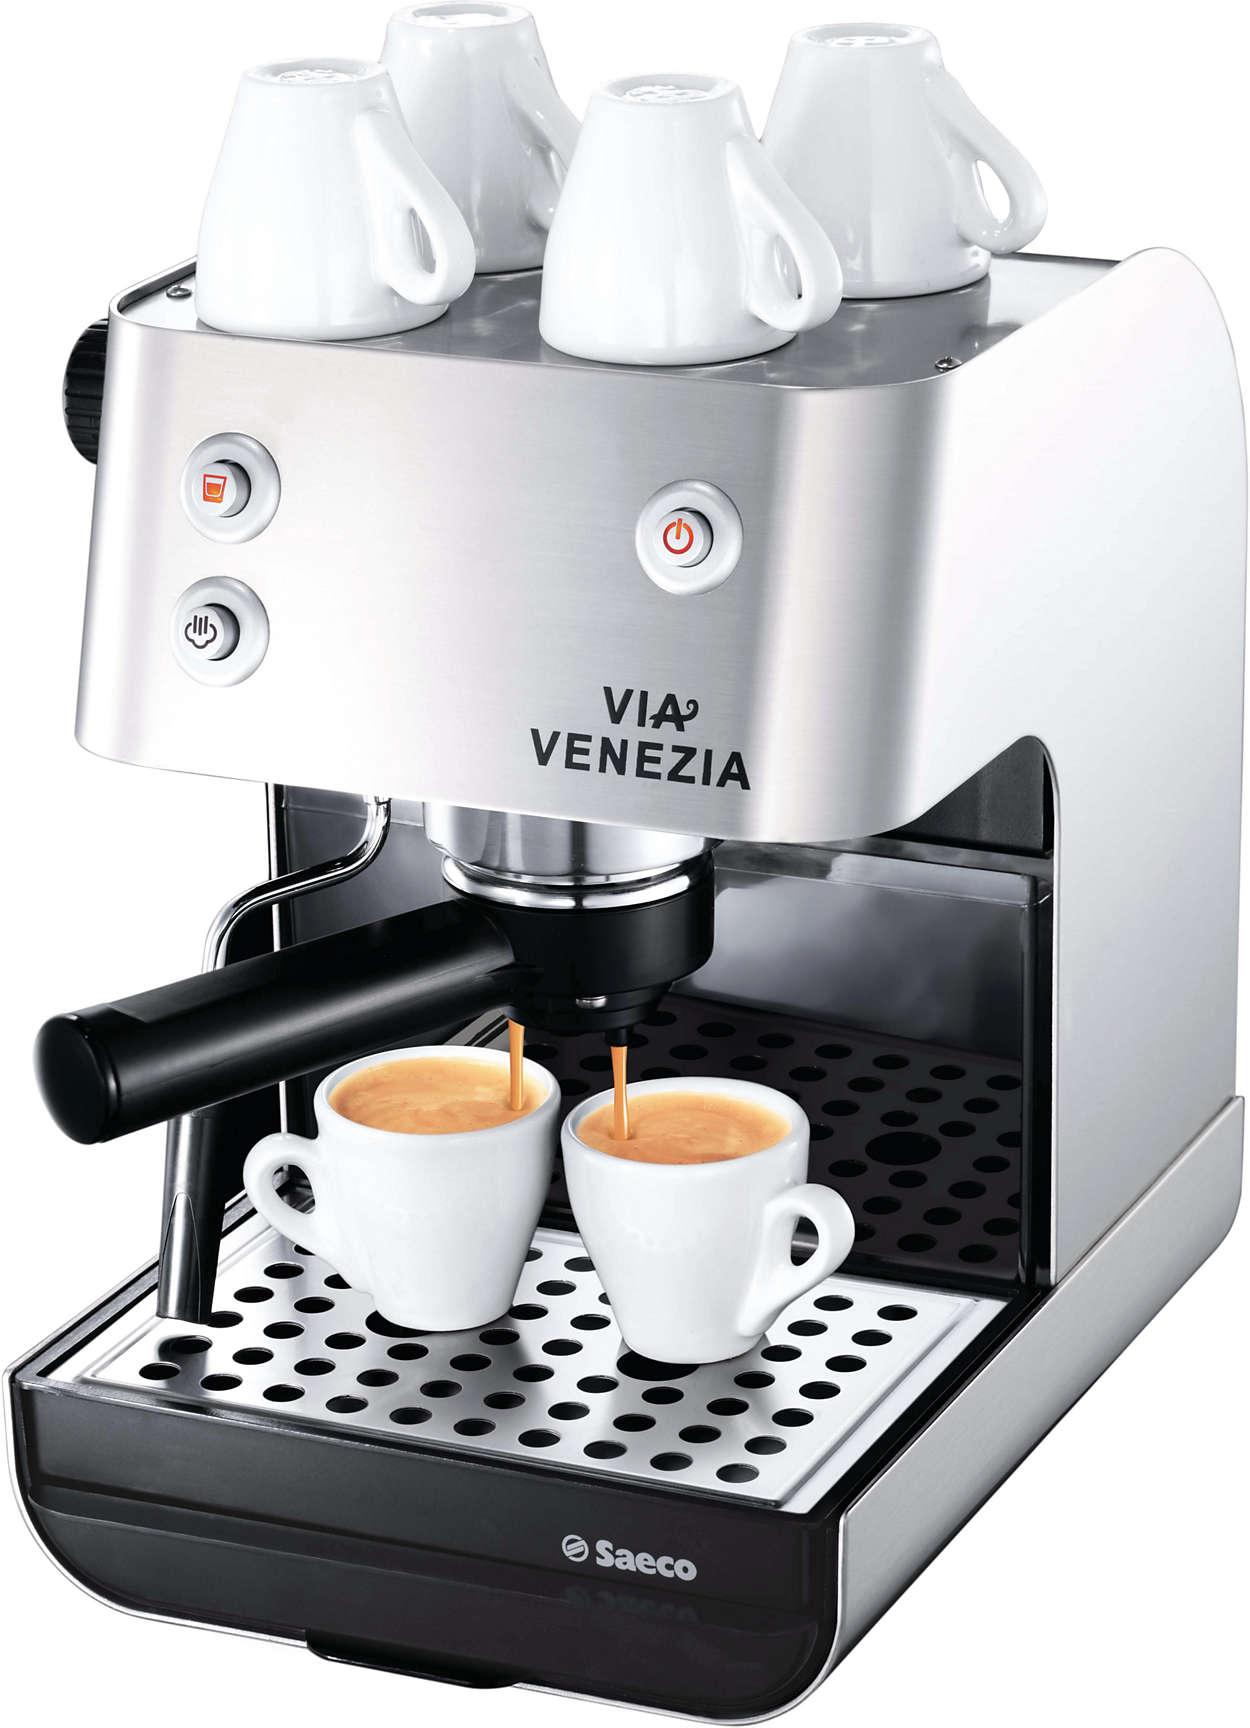 Savourez l'arôme intense de votre espresso